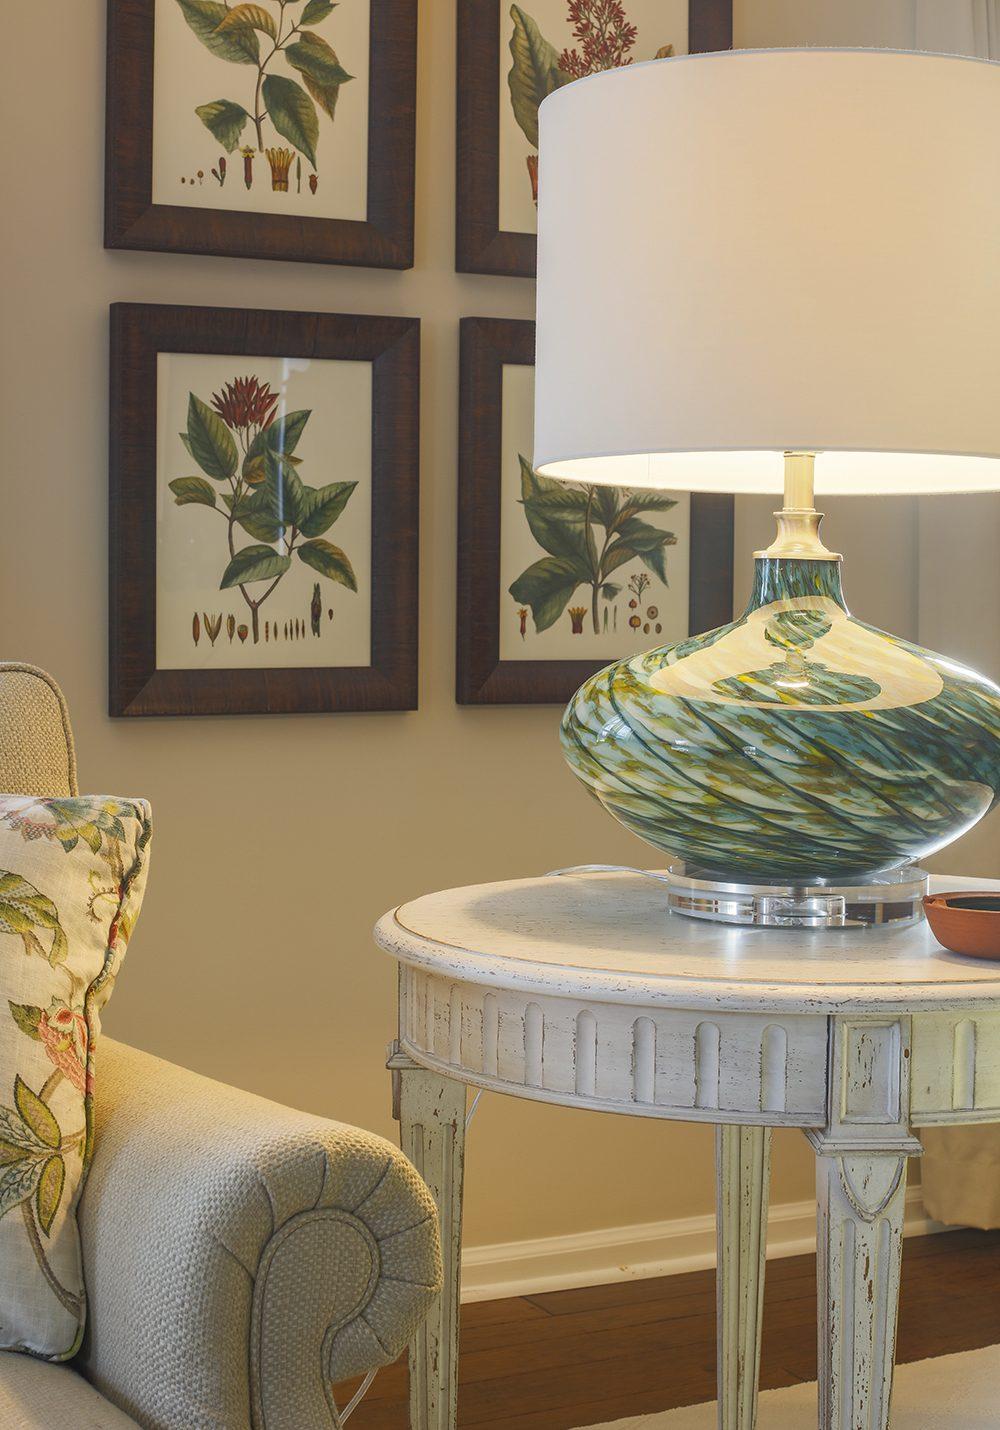 Blue Green Glass Lamp and Botanical Framed Art